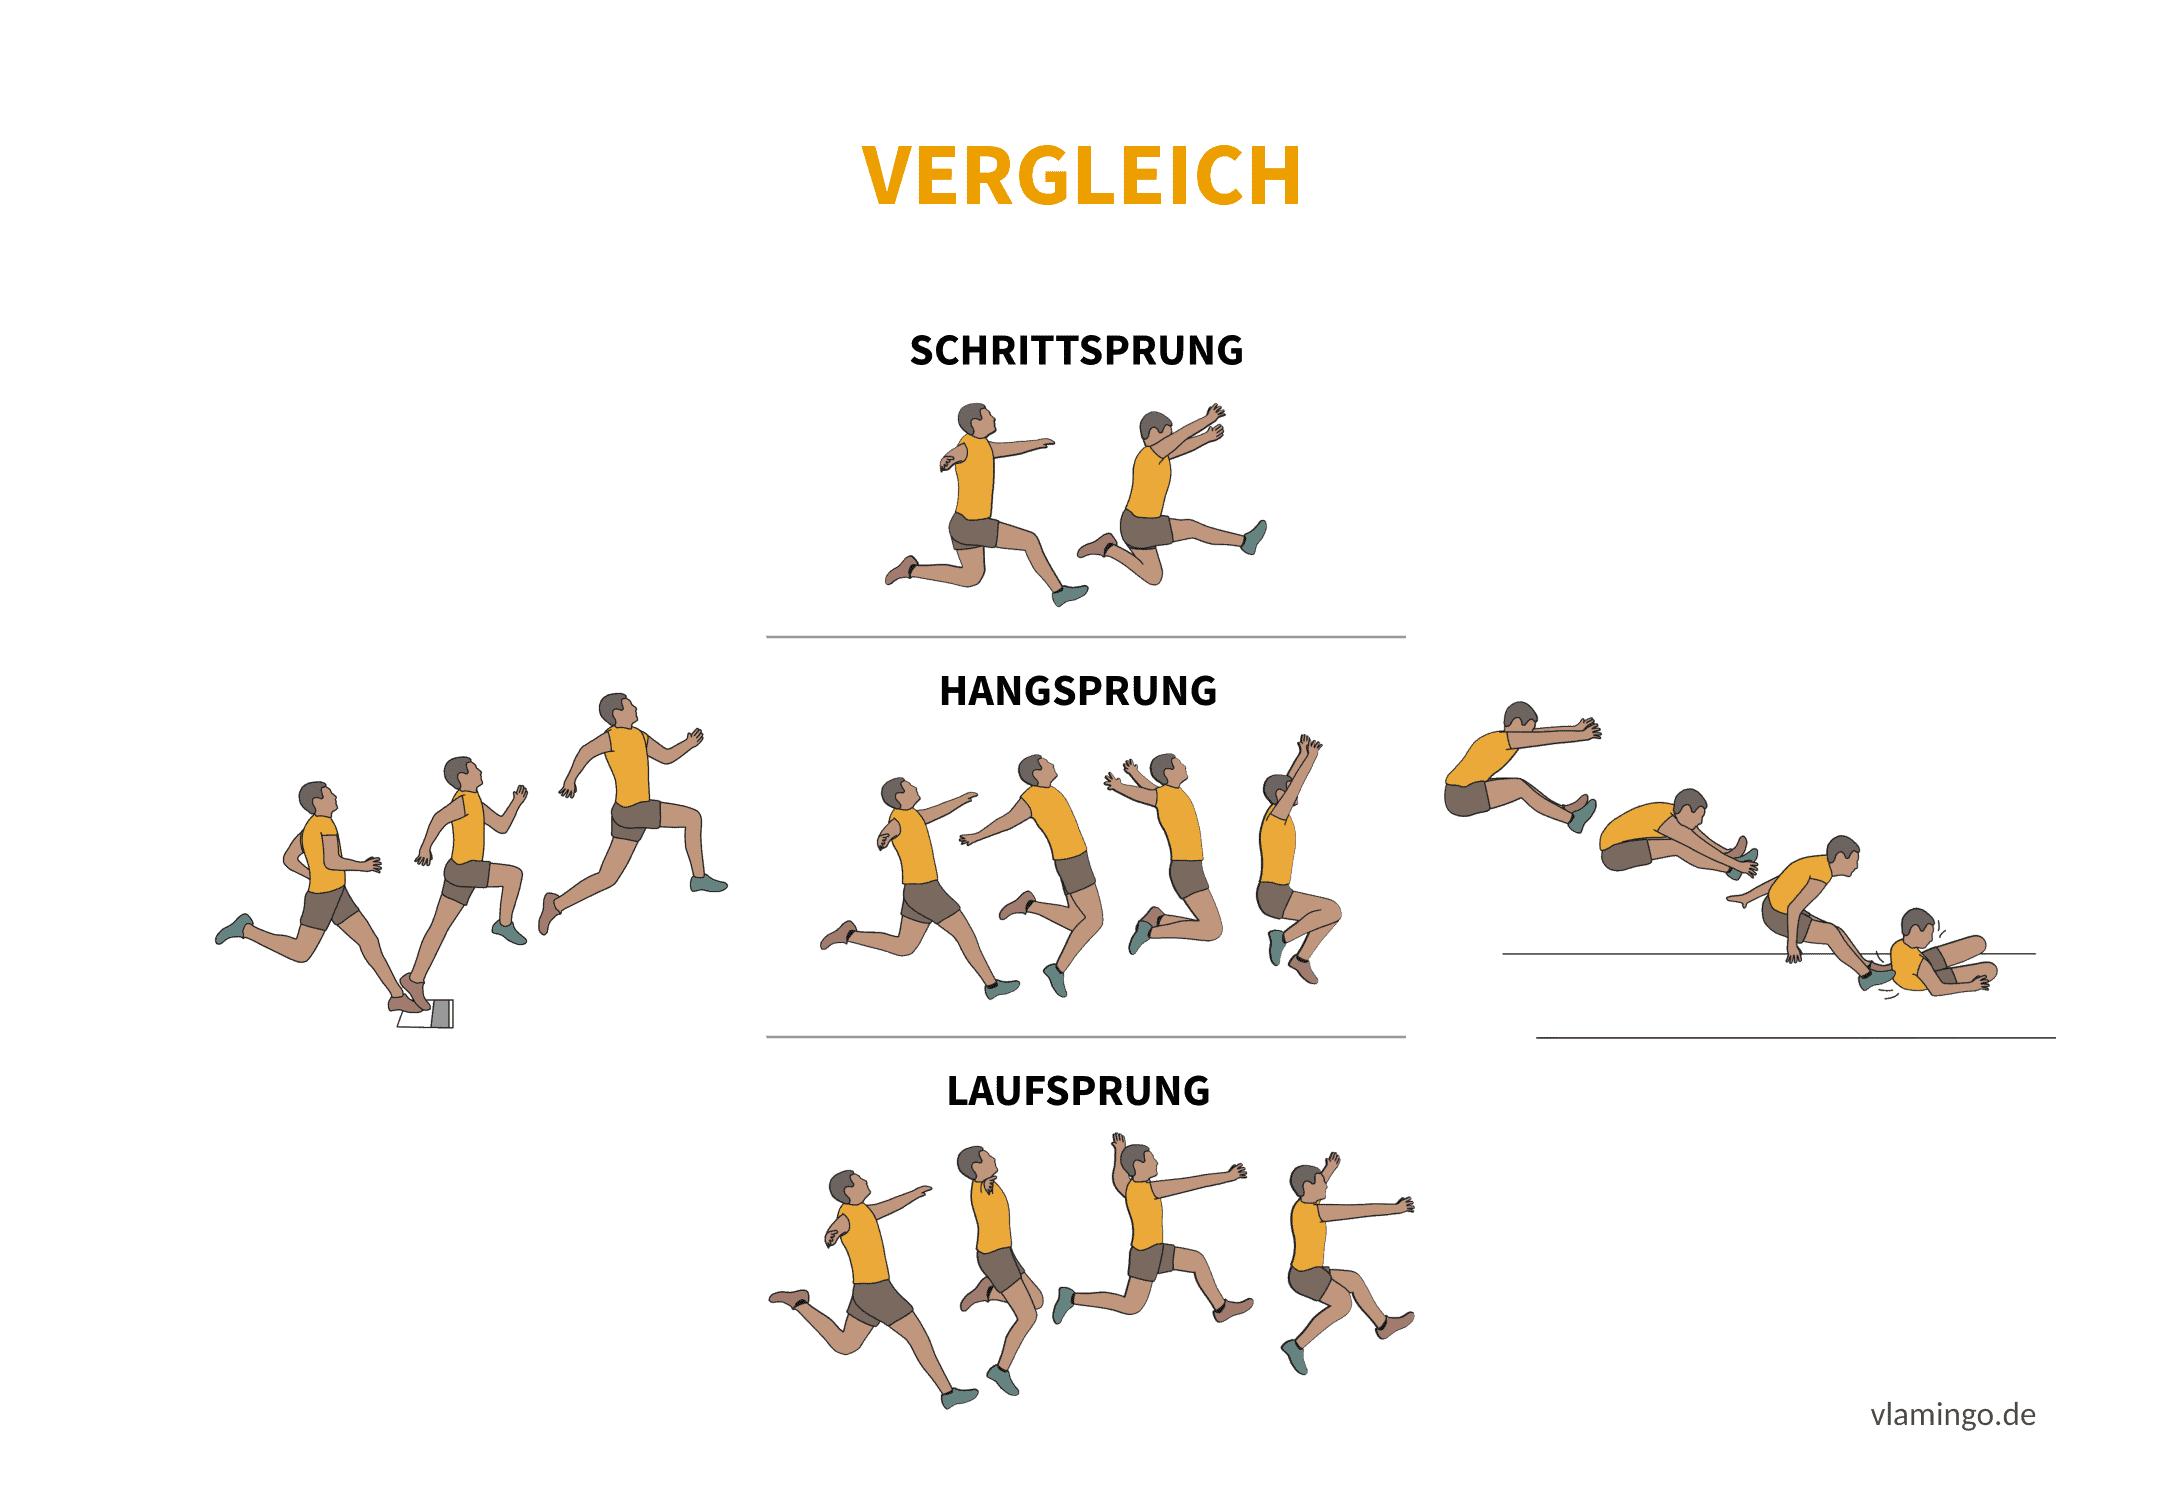 Schrittsprung, Hangsprung, Laufsprung Vergleich (Bewegungsanalyse) - Leichtathletik